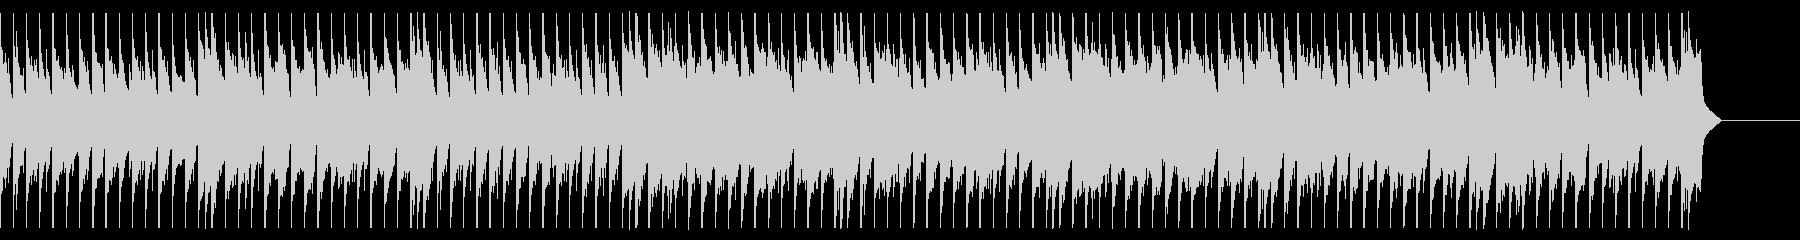 電子音・ボイパ アップテンポ の未再生の波形